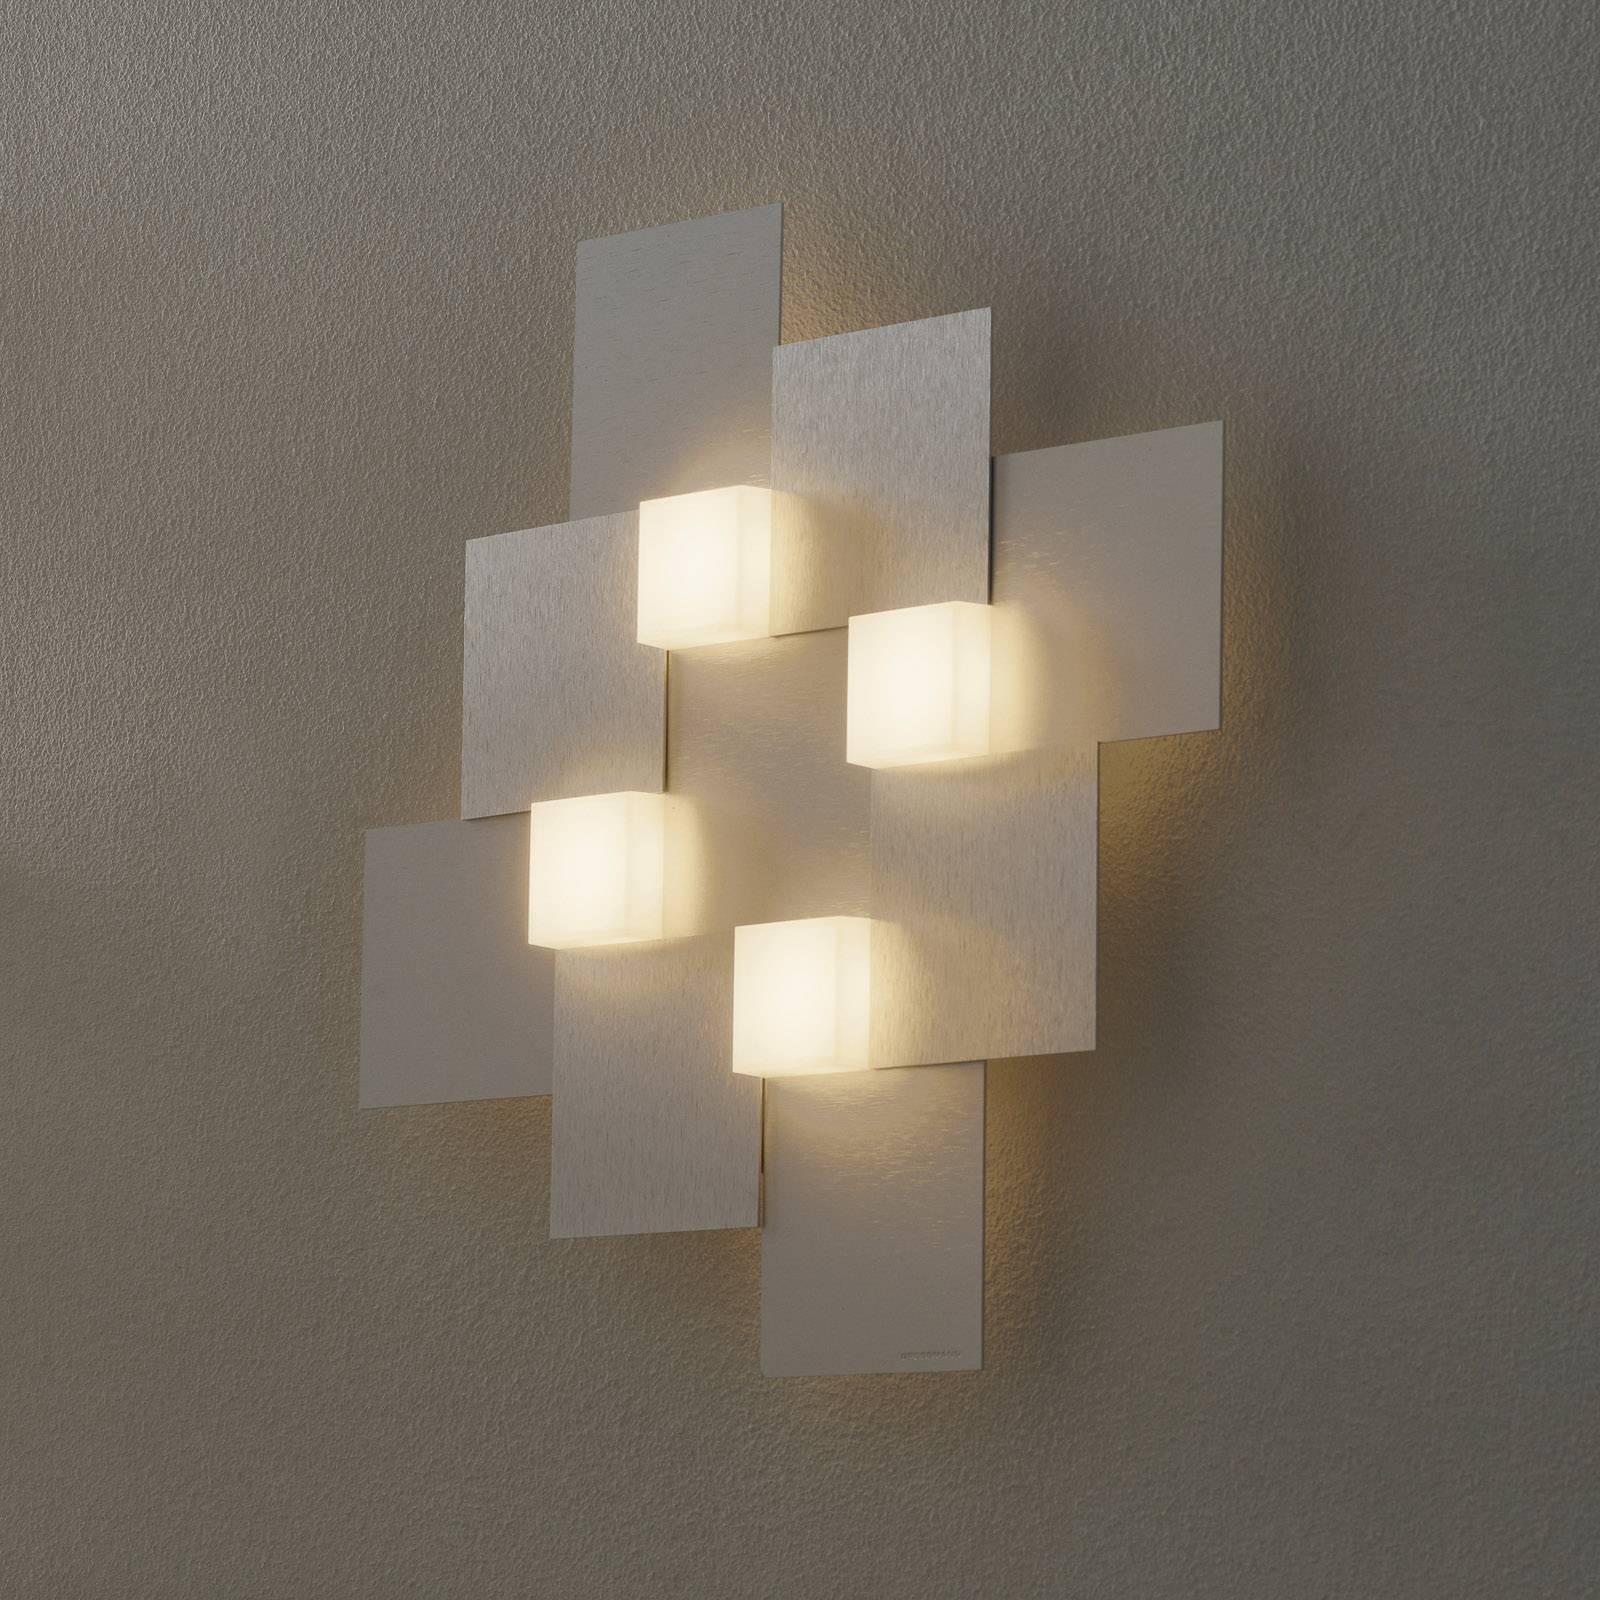 GROSSMANN Creo applique 4 lampes 44x44cm aluminium